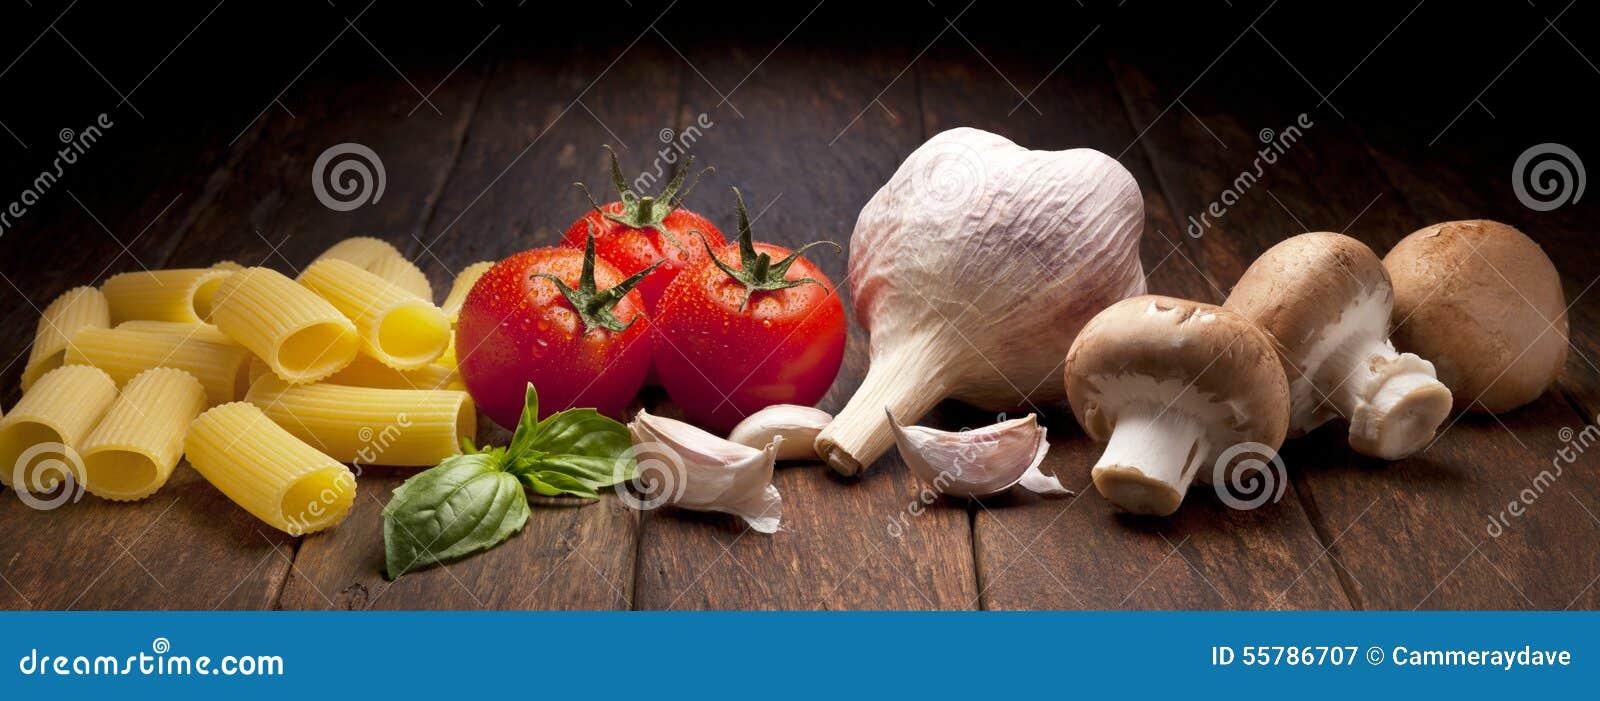 Fondo italiano de las pastas de la comida